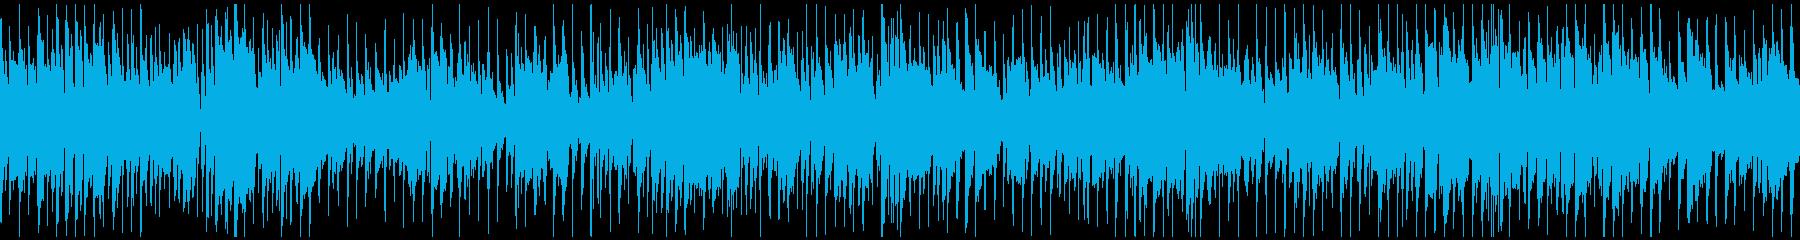 ノリノリサックスのクラブジャズ※ループ版の再生済みの波形